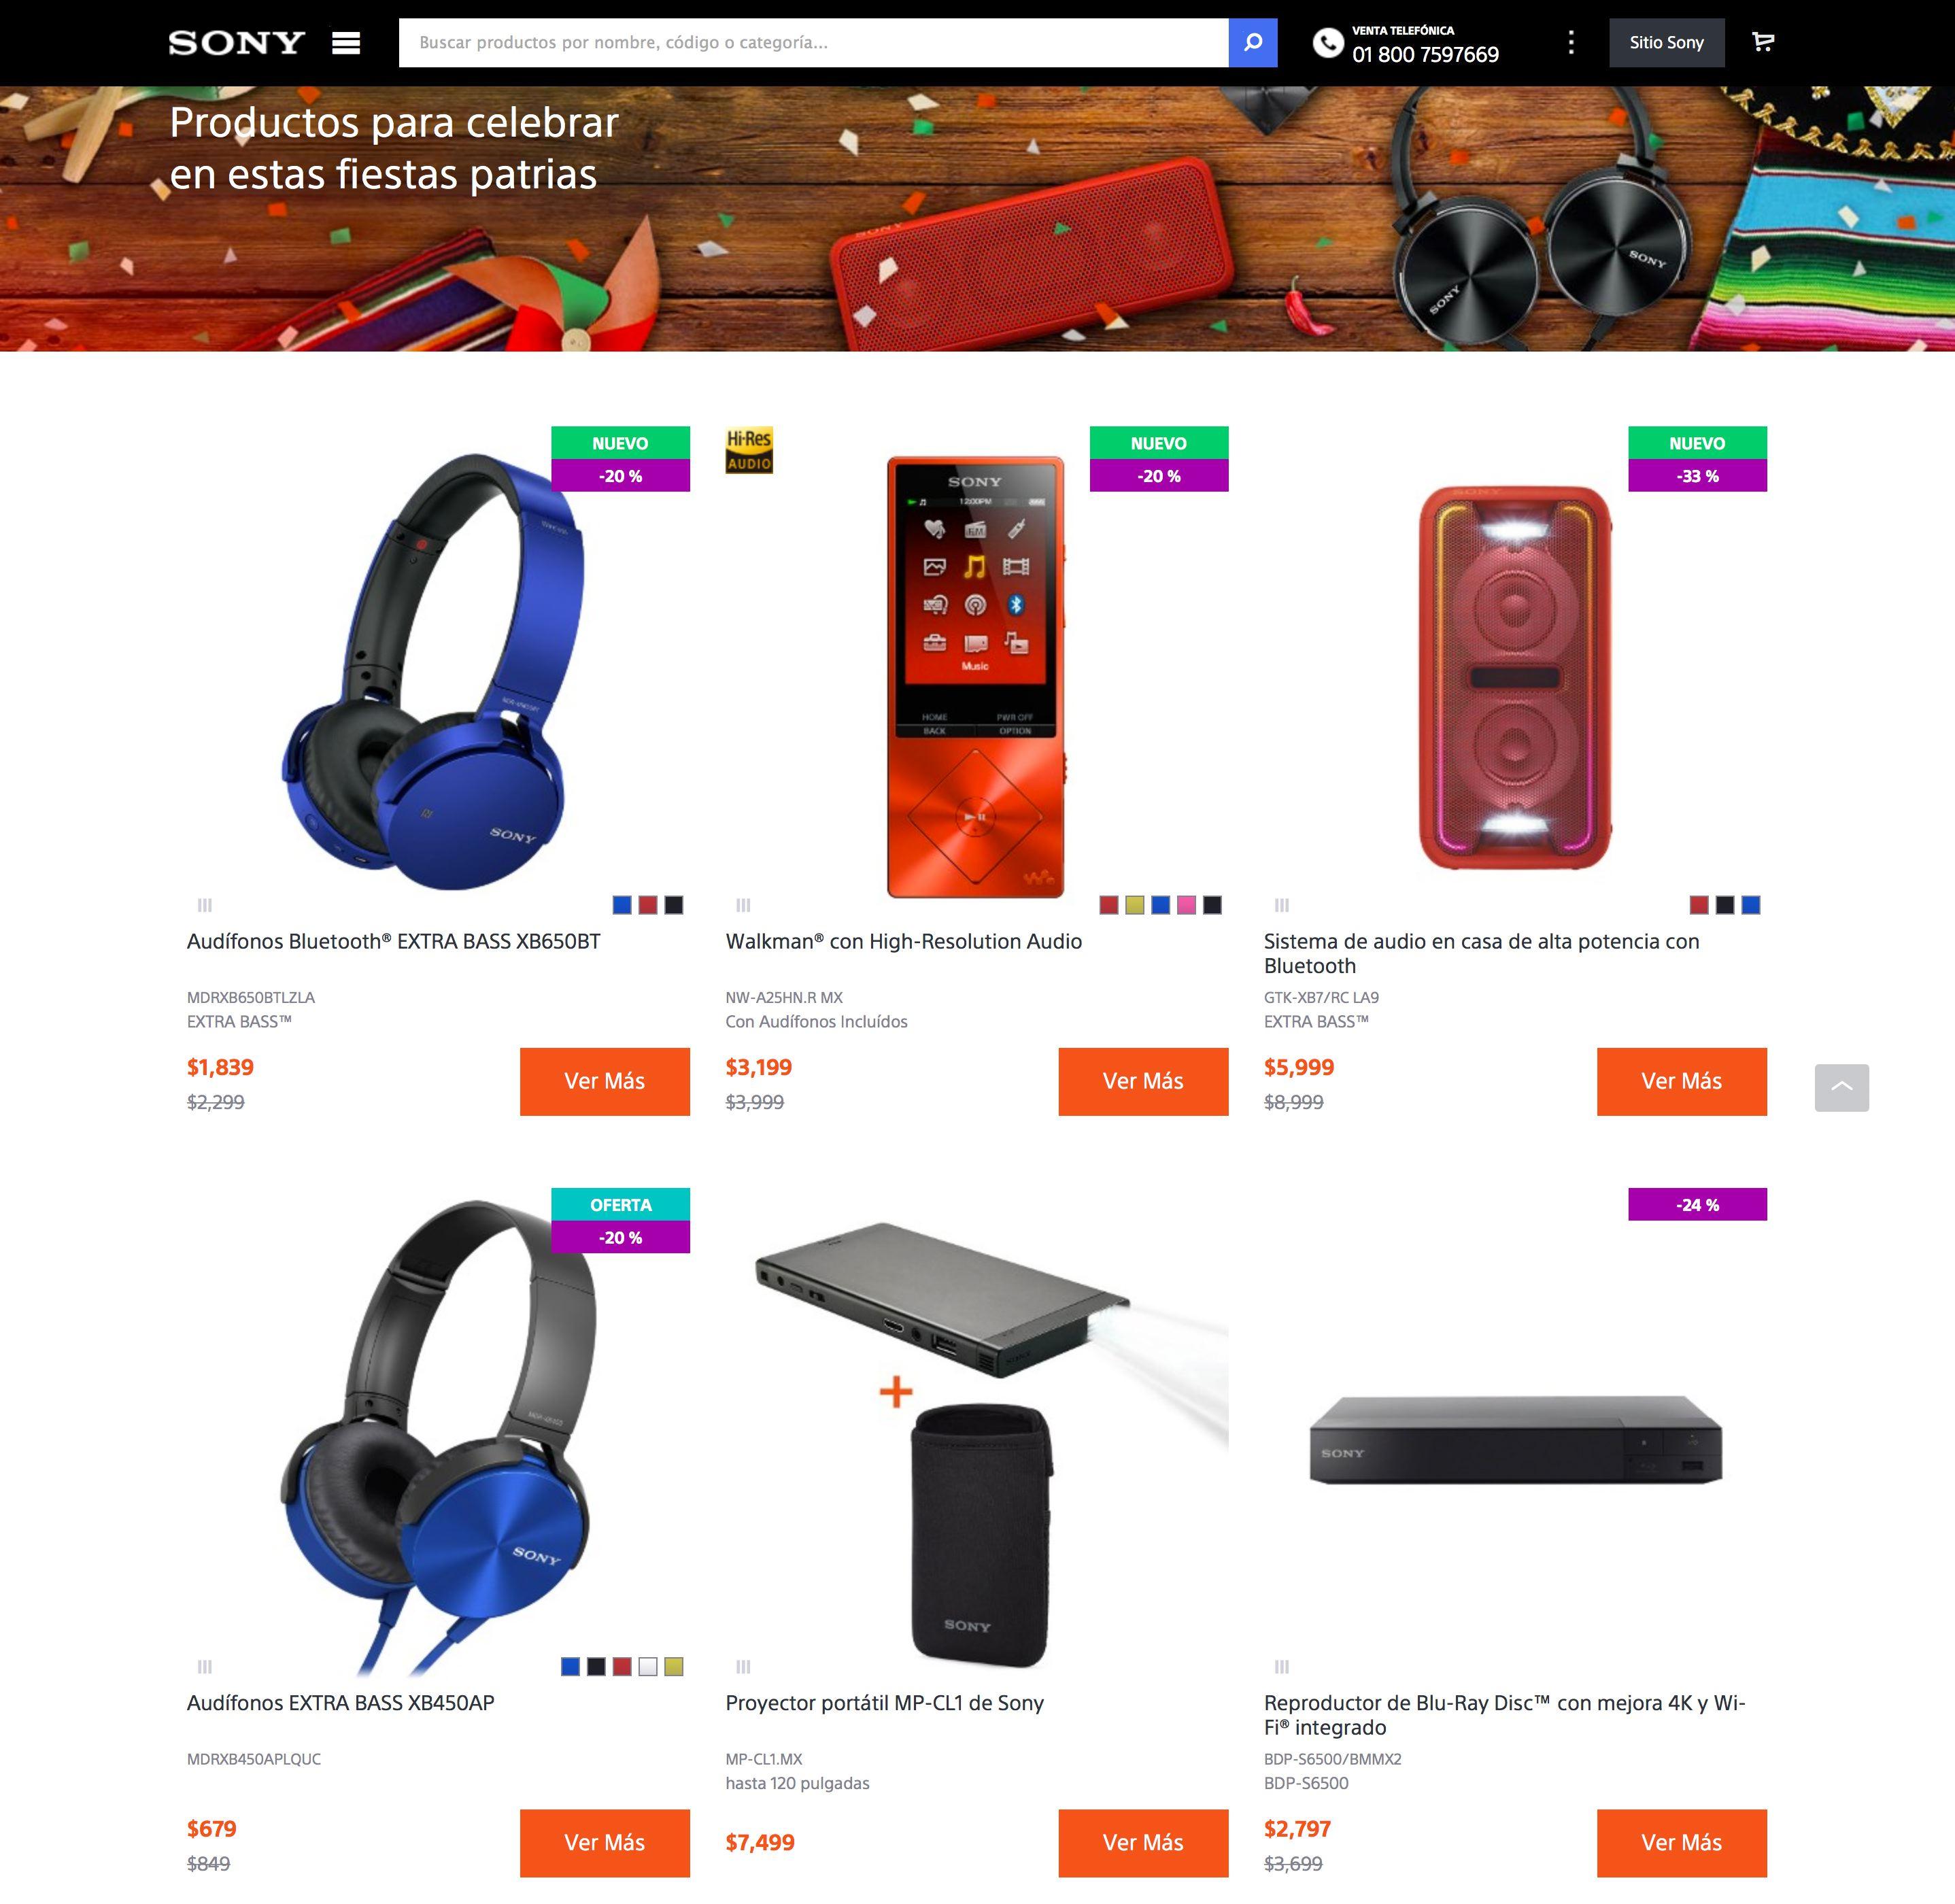 Sony Store Online Mexico: descuentos del 6% hasta el 50%